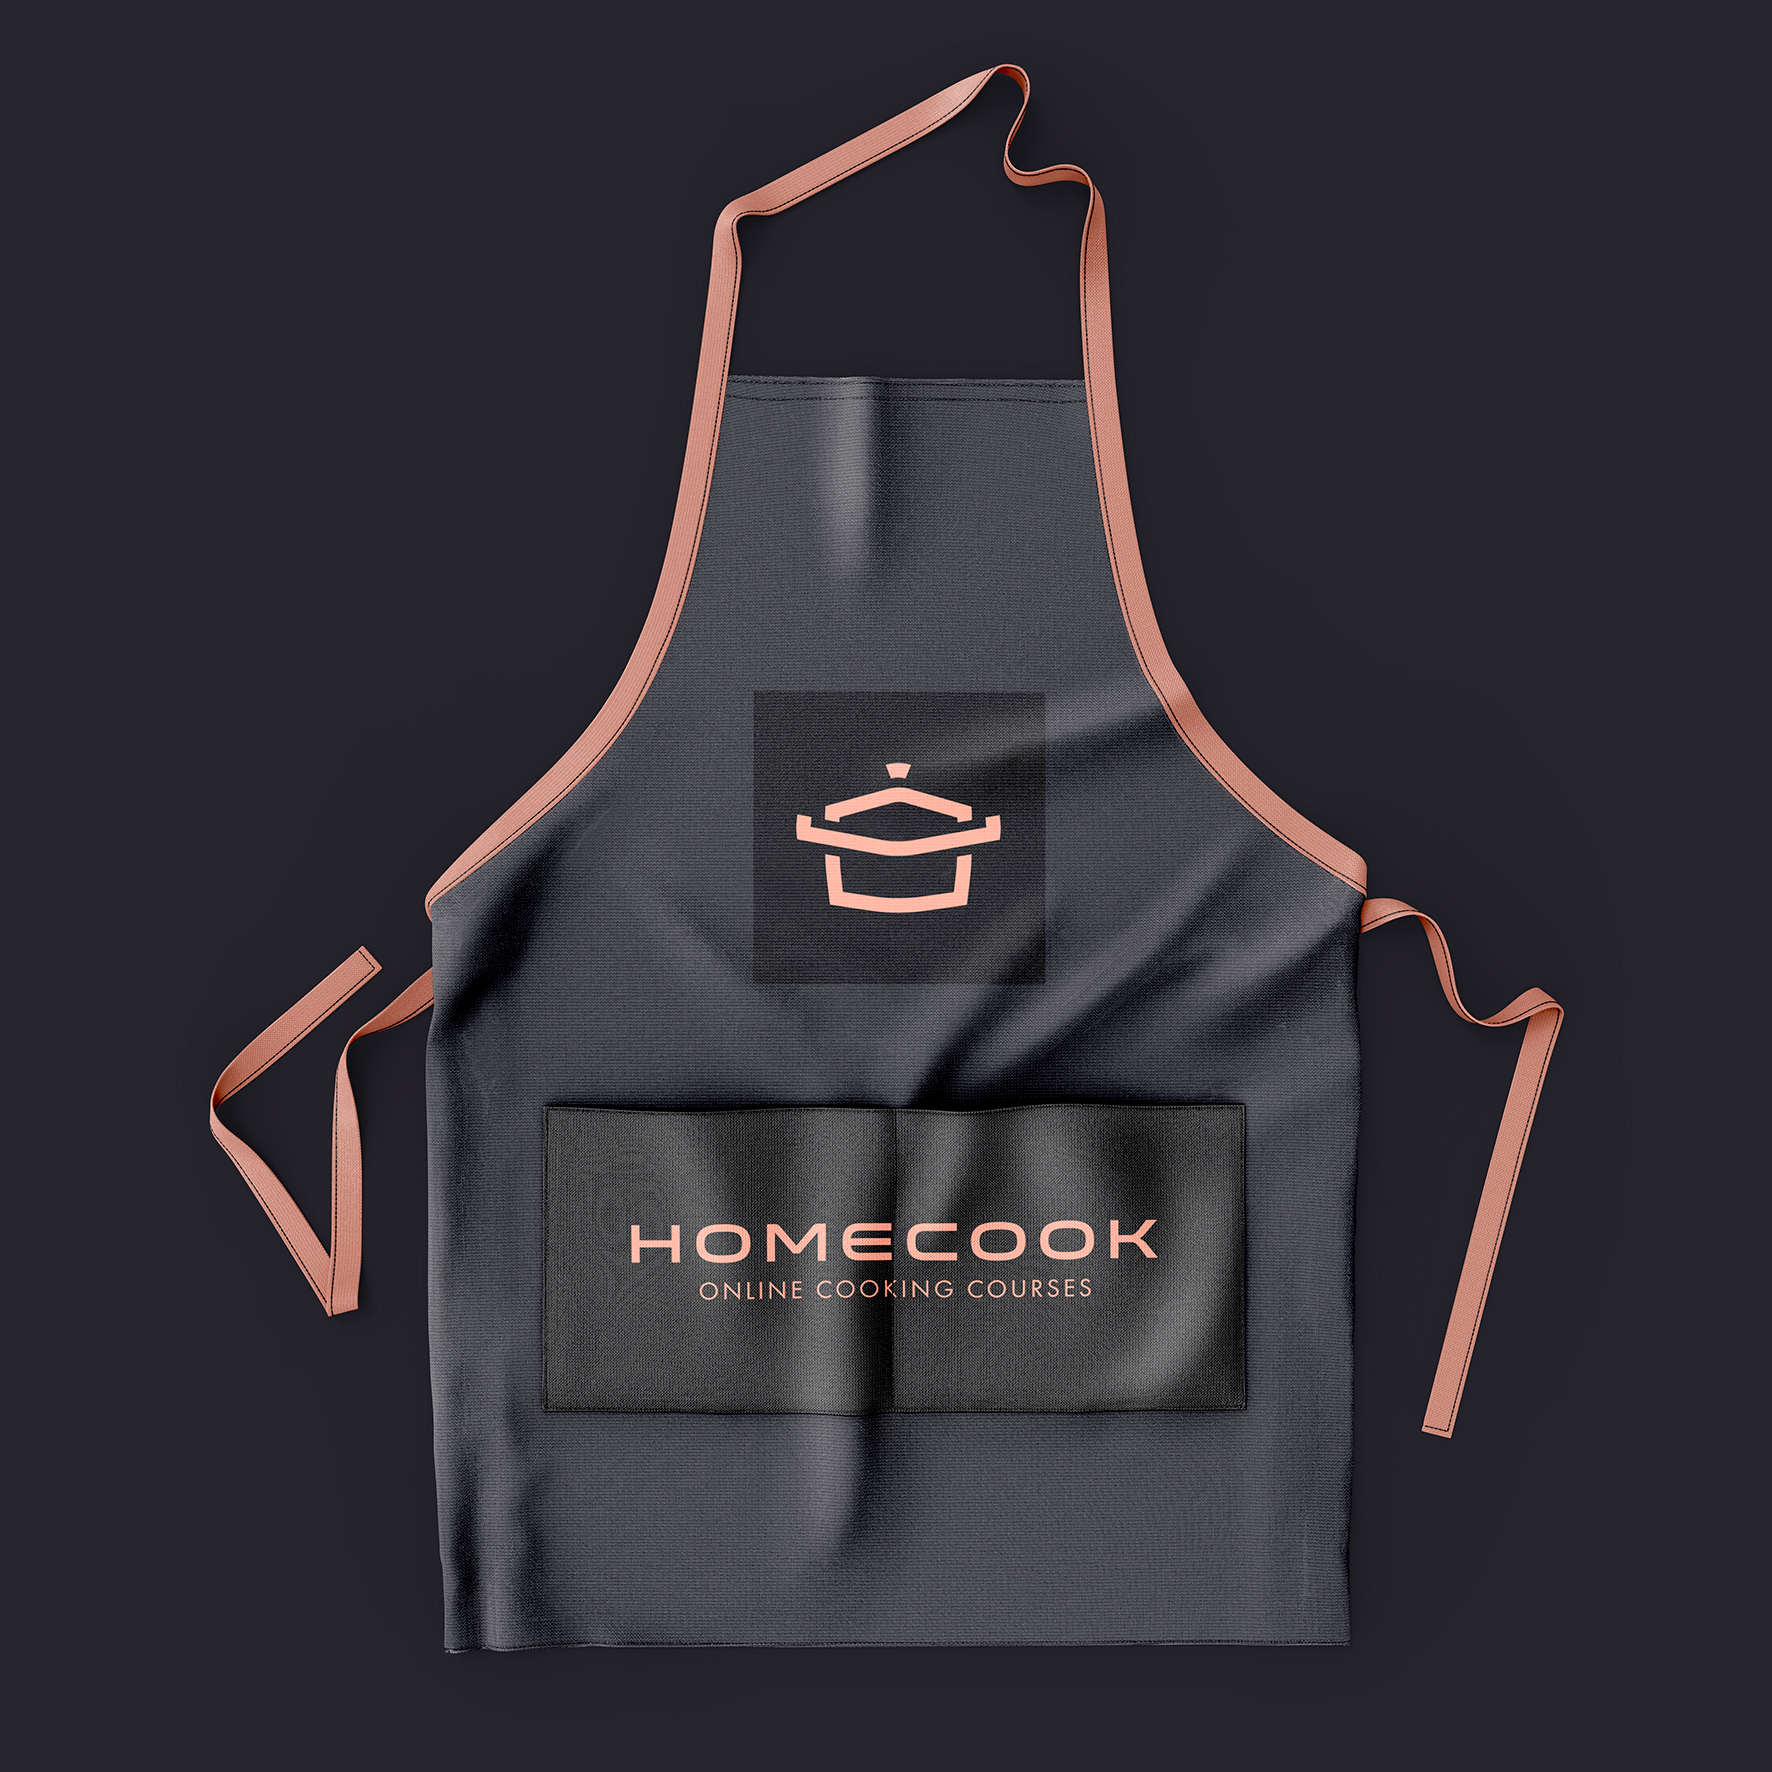 homecook-3